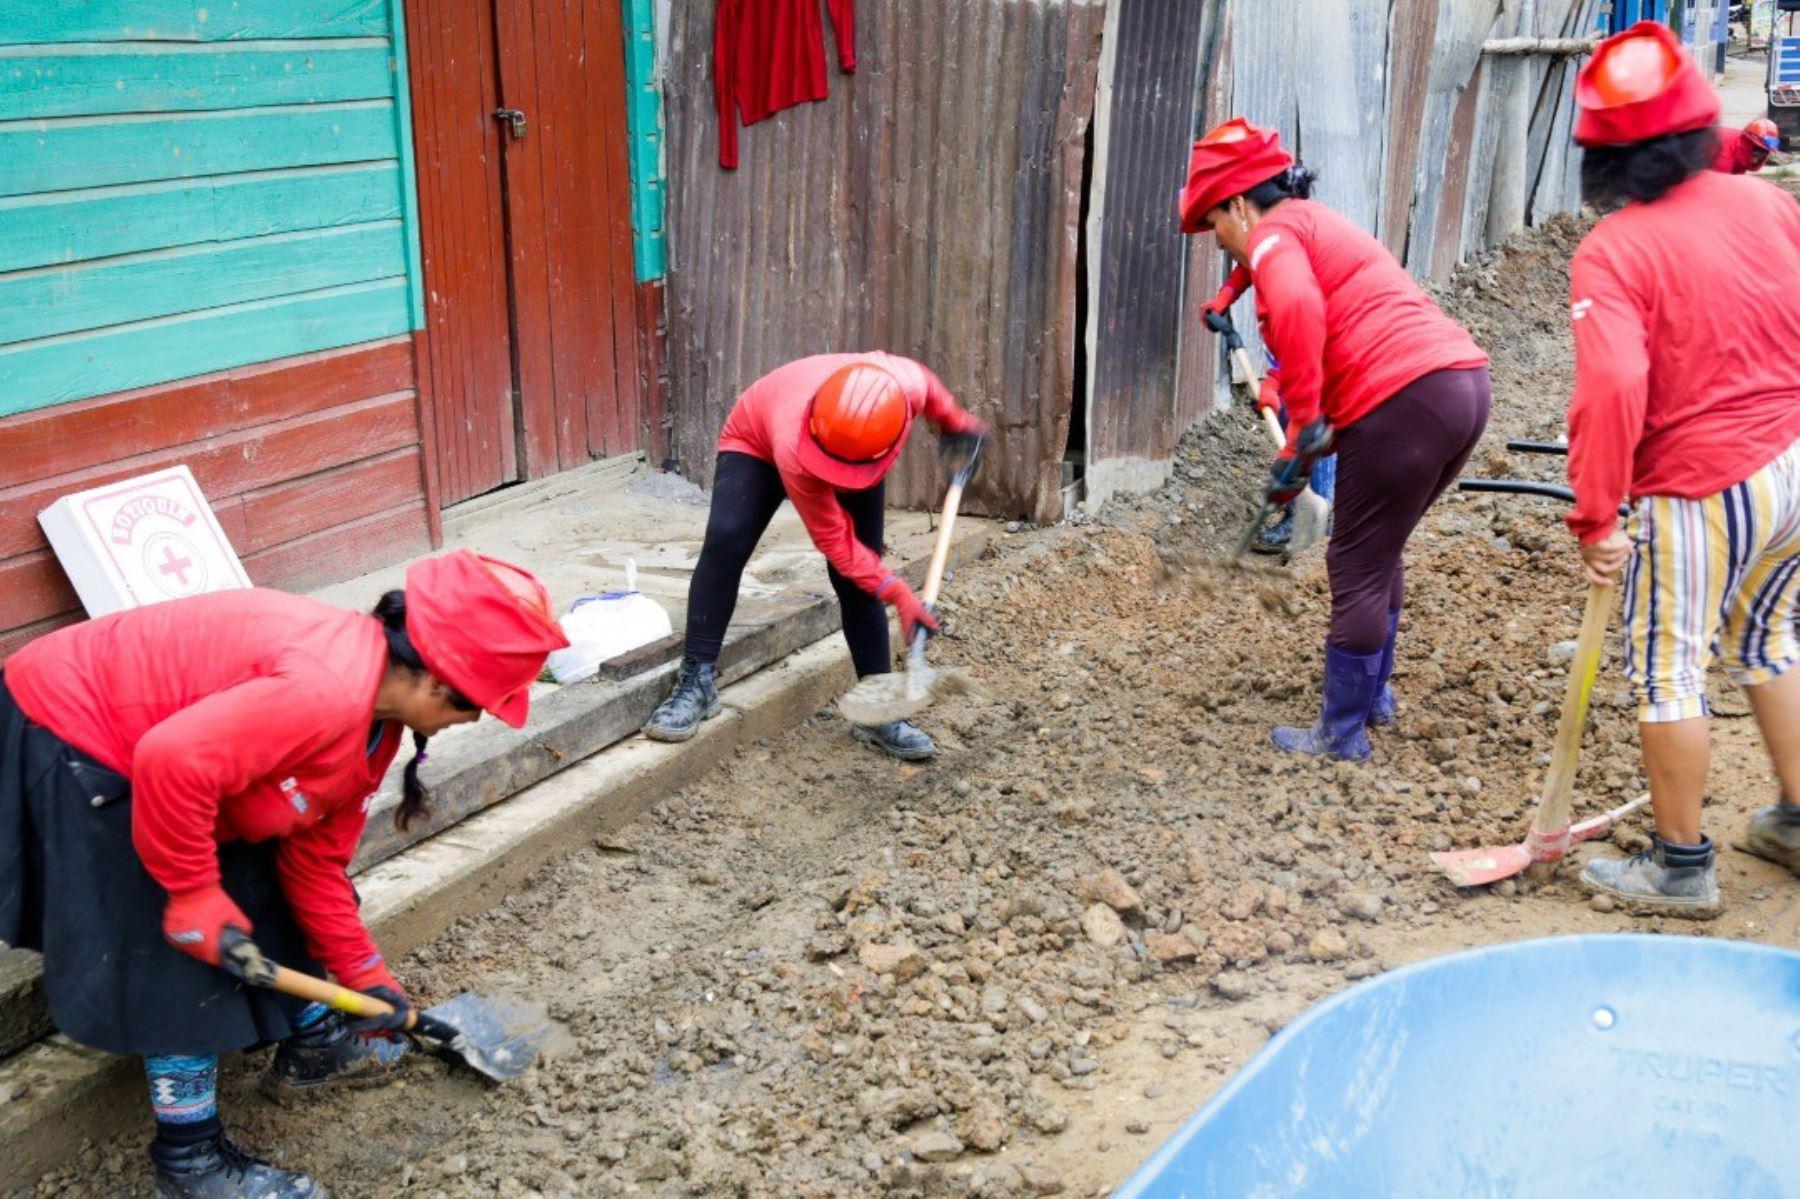 Ministerio de Trabajo y Promoción del Empleo, a través del programa Trabaja Perú, generará más de 2,500 empleos temporales en Madre de Dios.